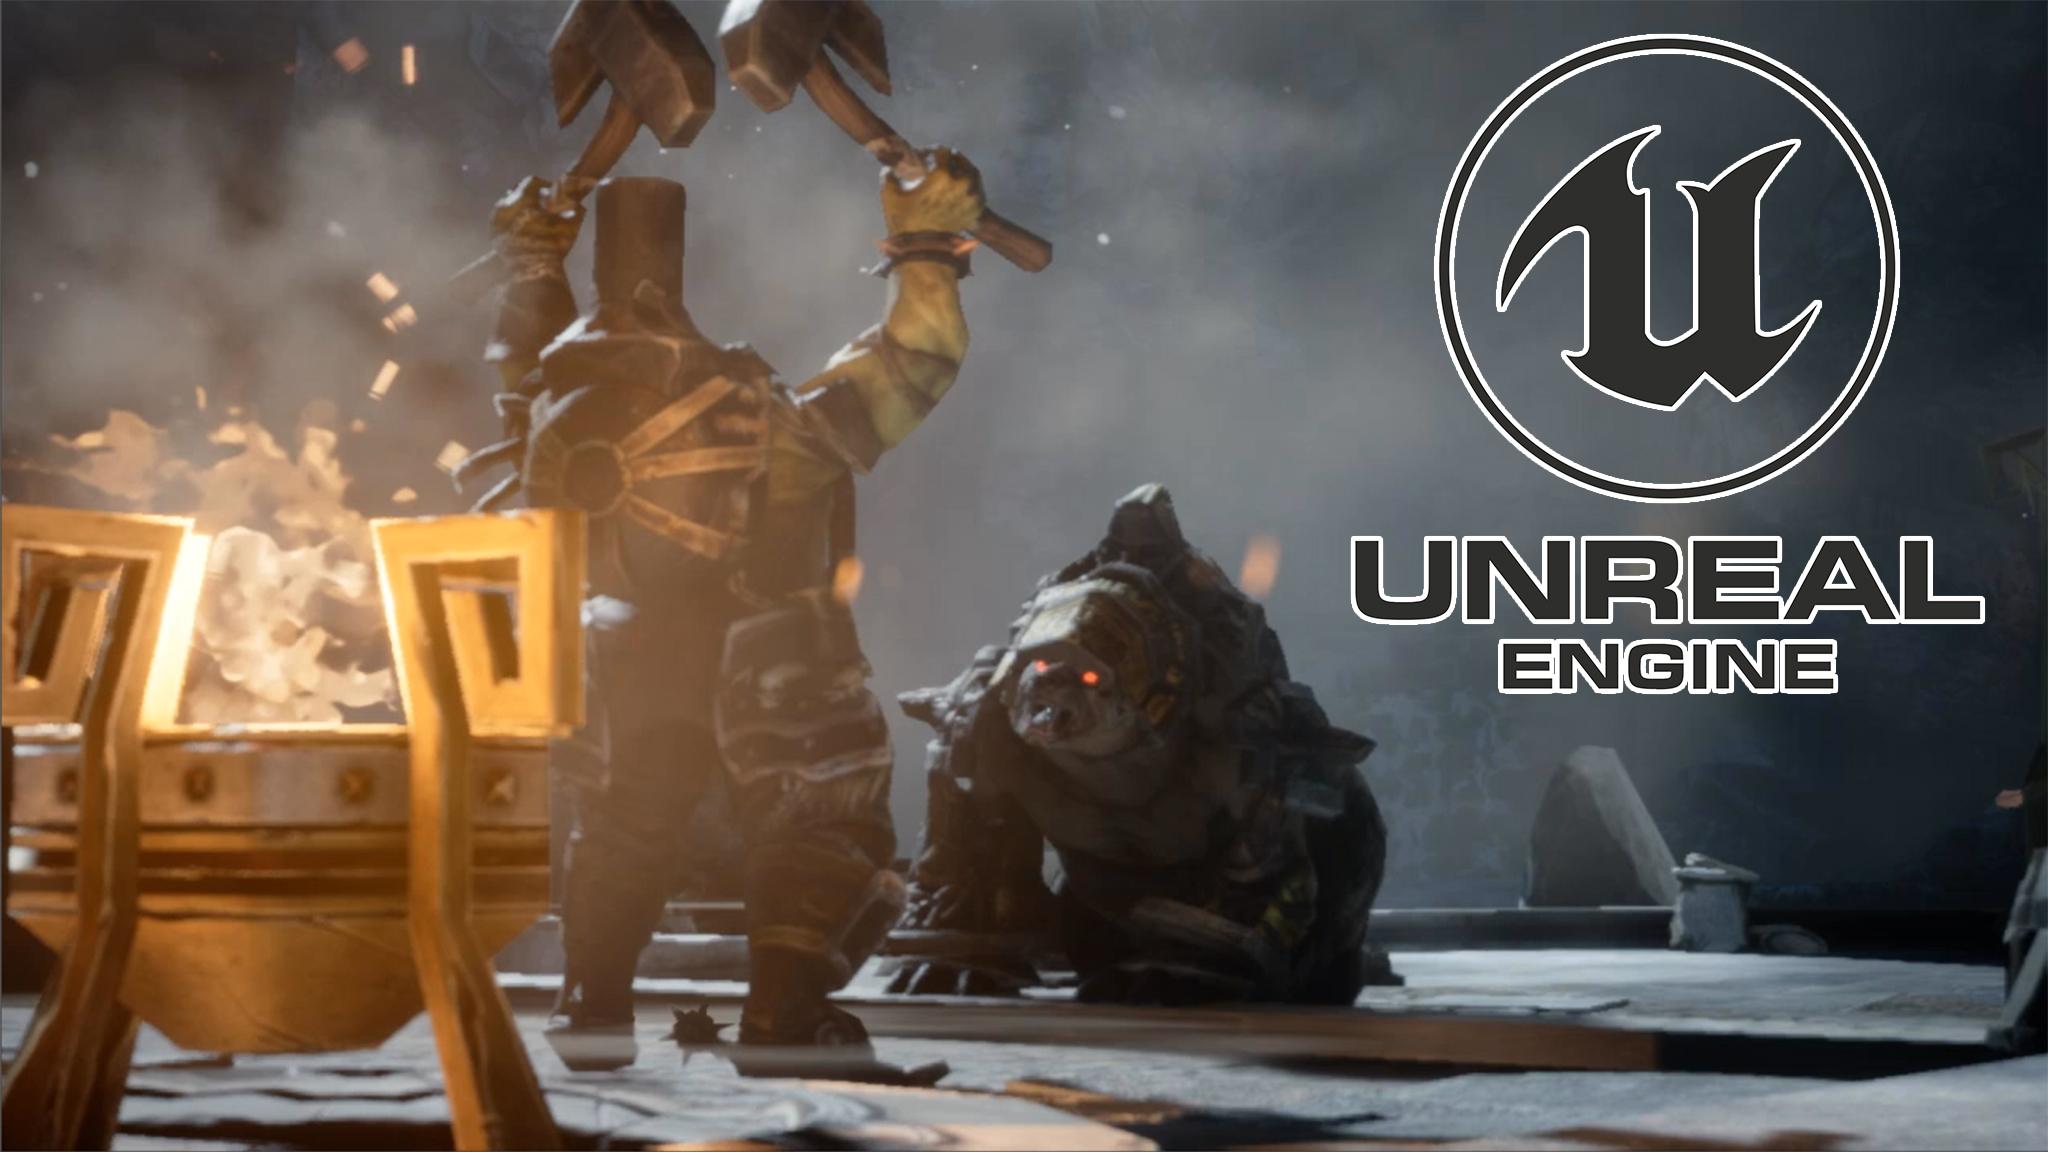 Cinemáticas en Unreal Engine 4 (Actualización 4.22.2 – UE4 2019)